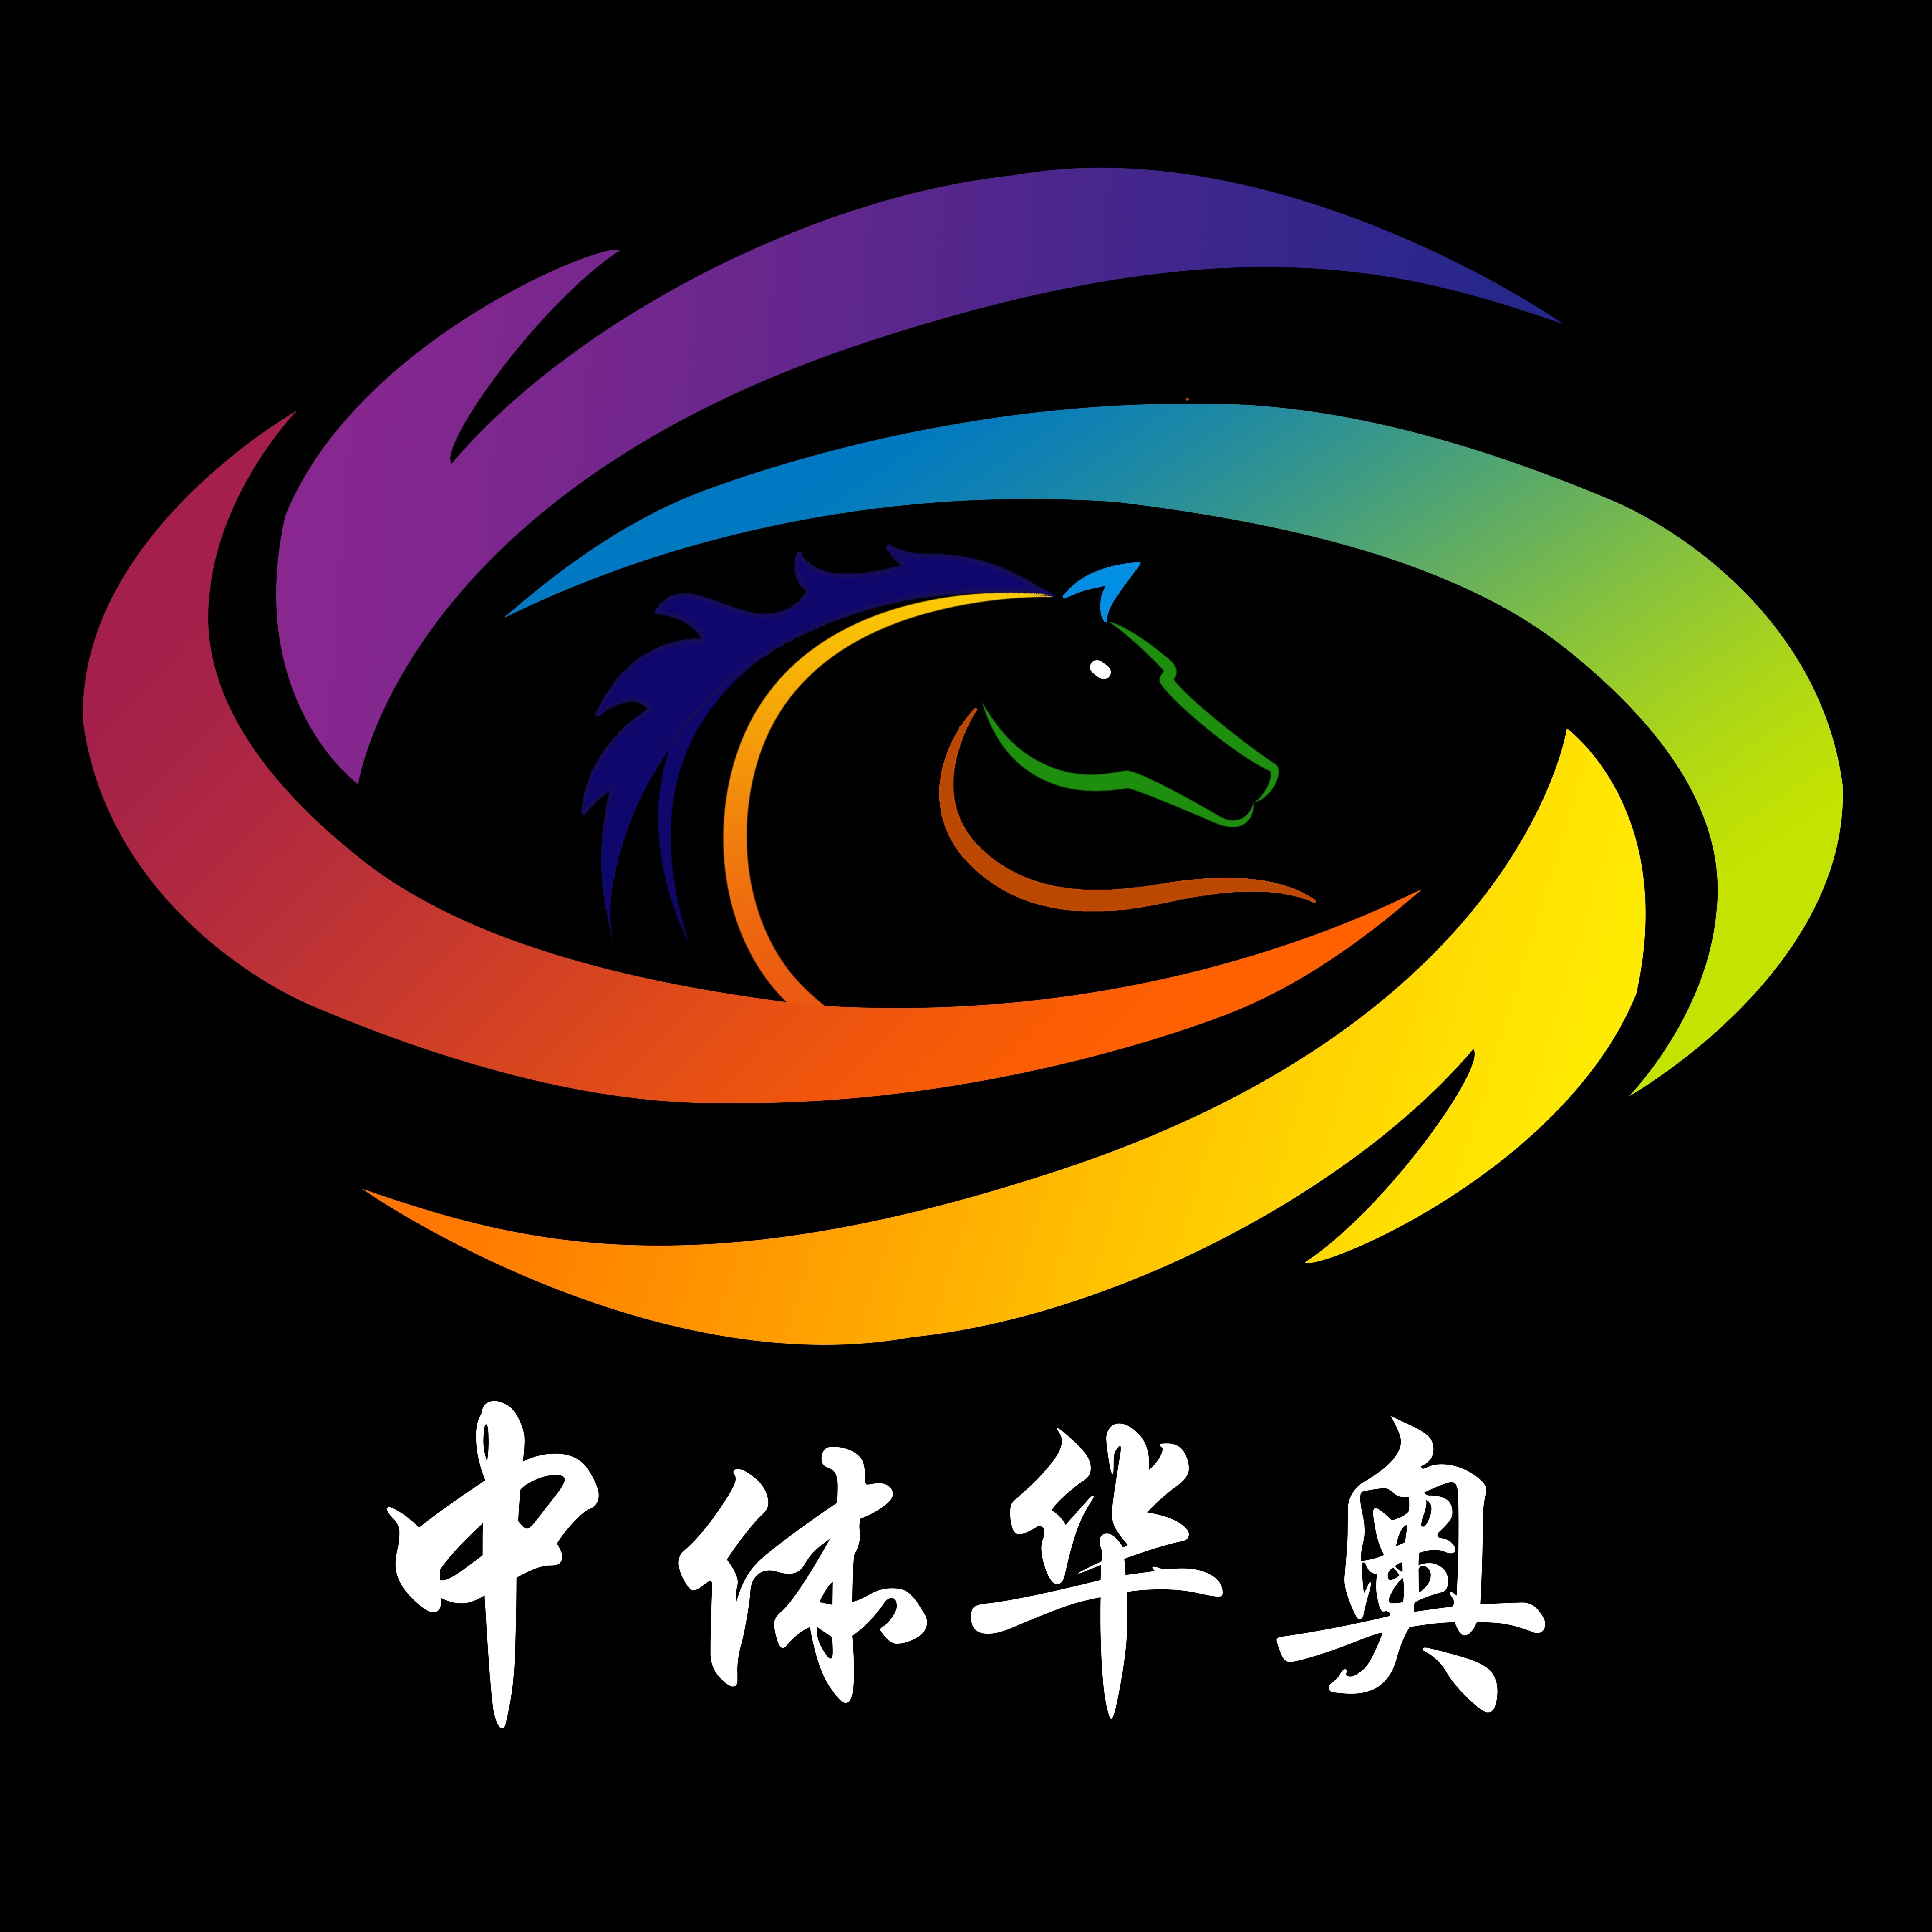 内蒙古中体华奥旅游文化有限责任公司招聘